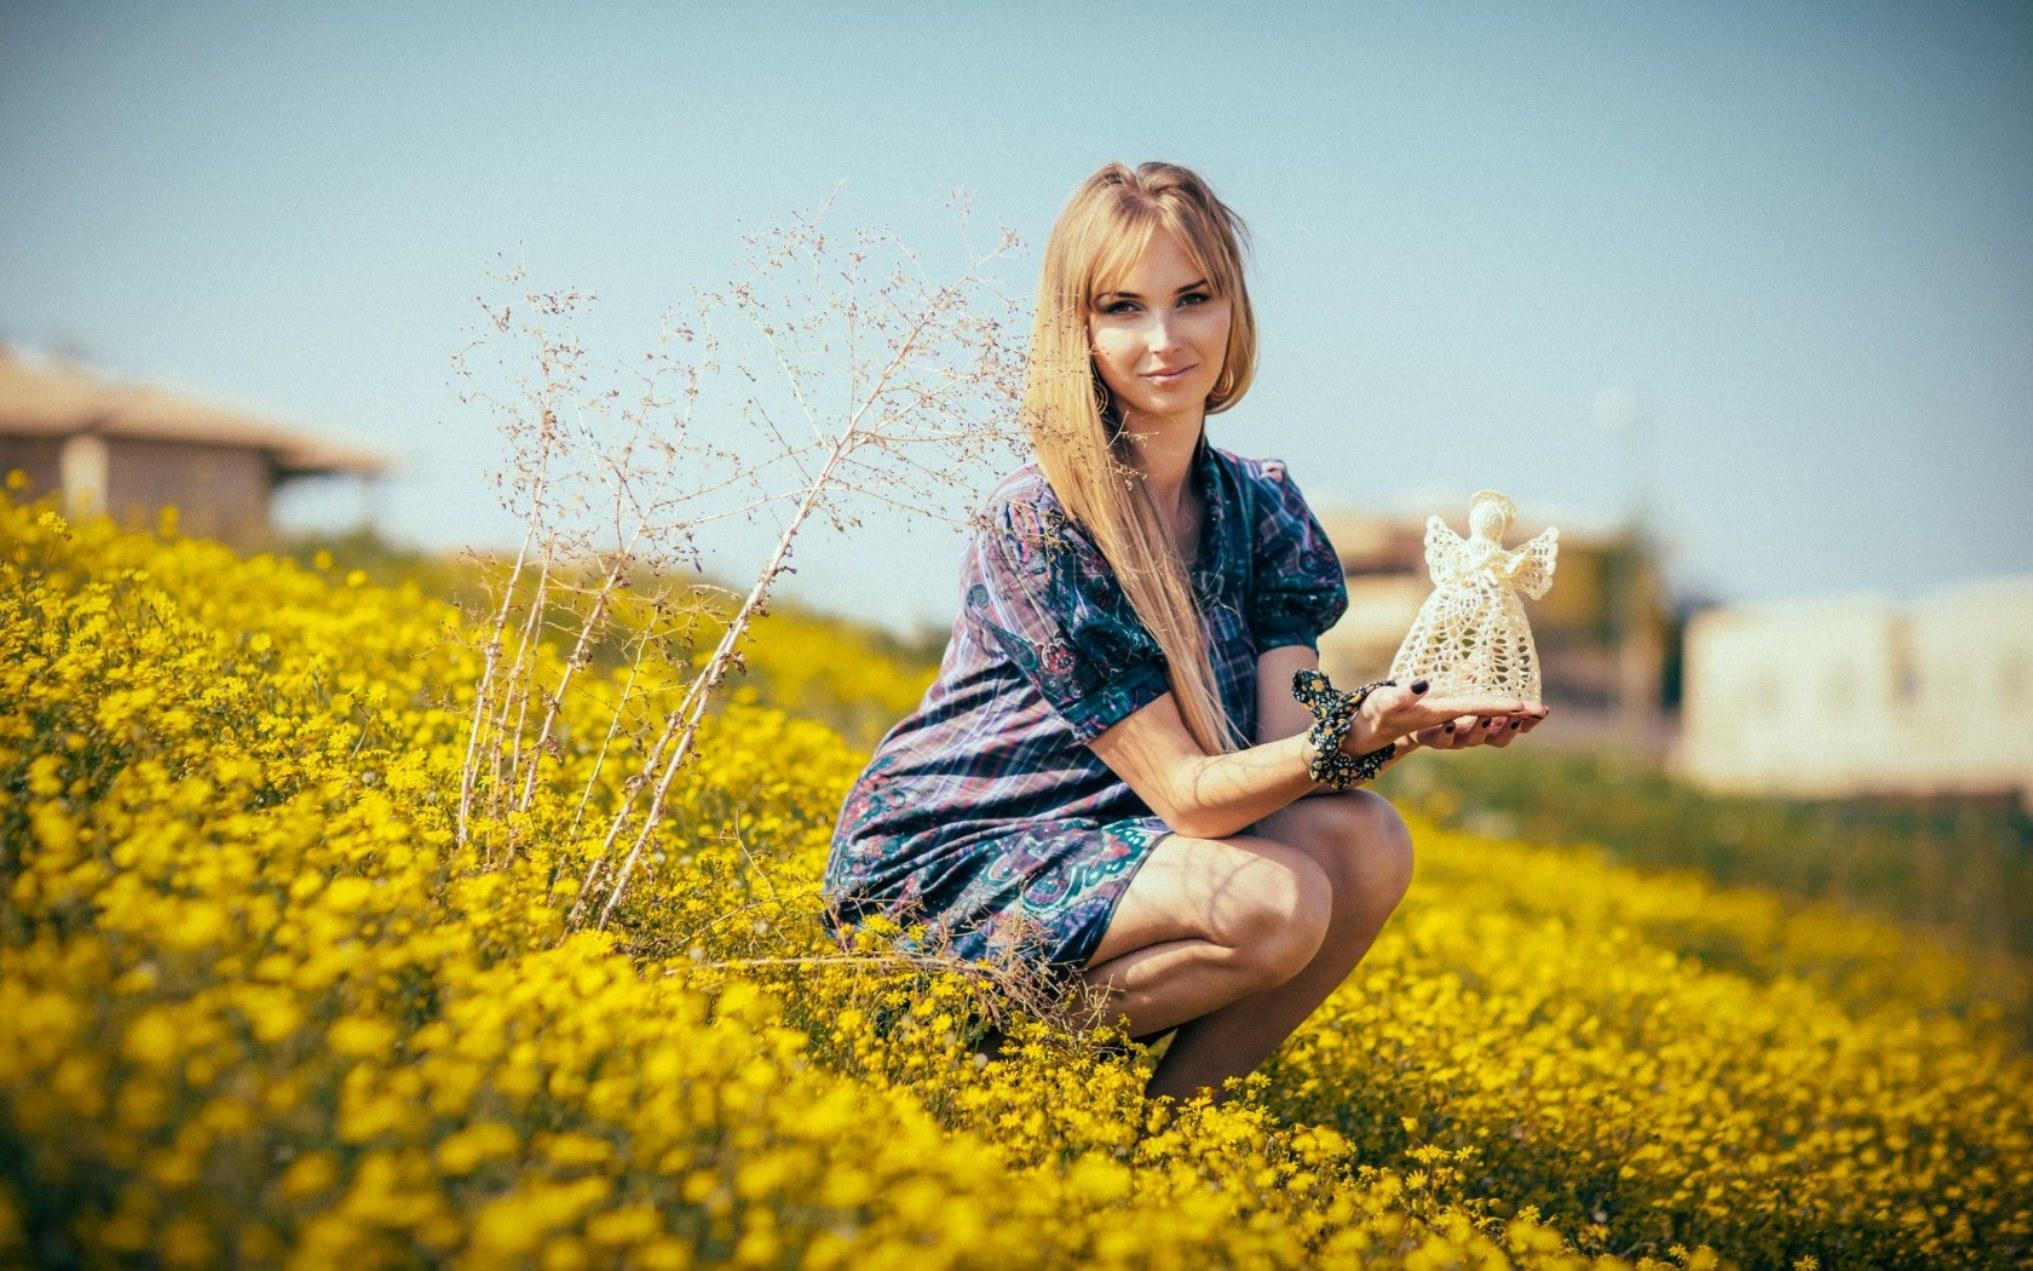 девушка трава блондинка  № 2678763 бесплатно